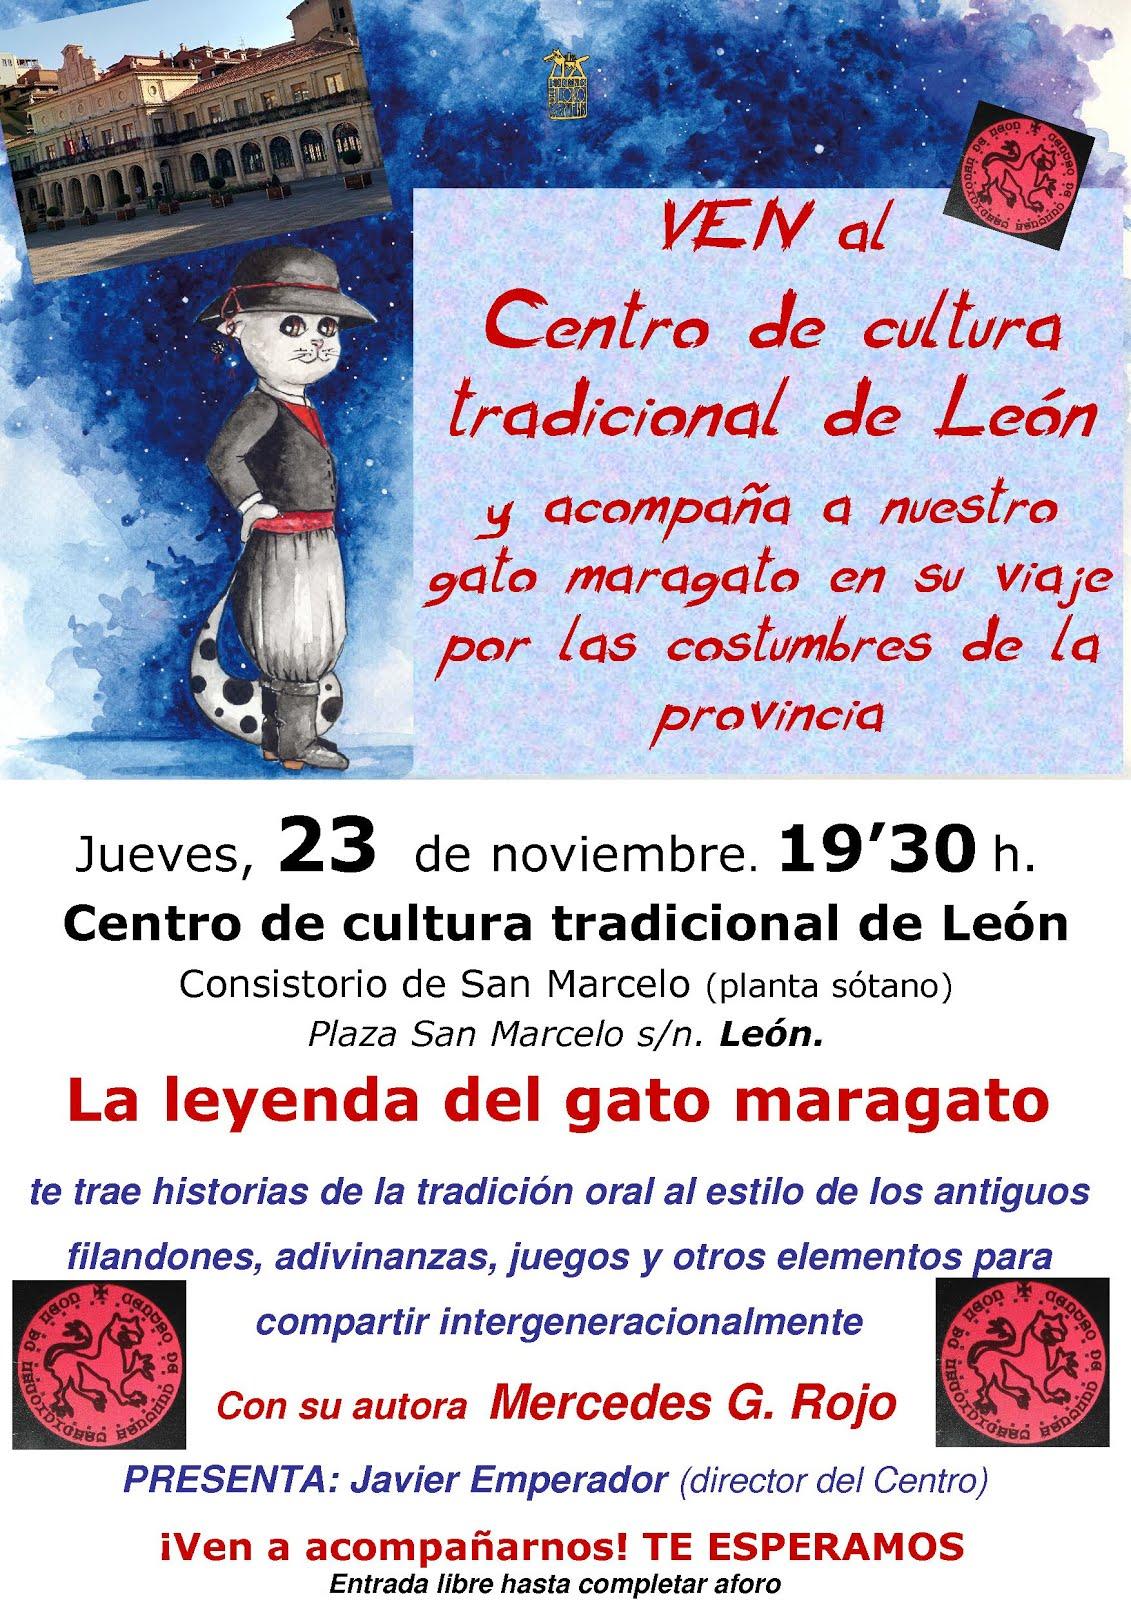 Velada tradicional en torno a La leyenda del Gato maragato. Centro de cultura tradicional de León